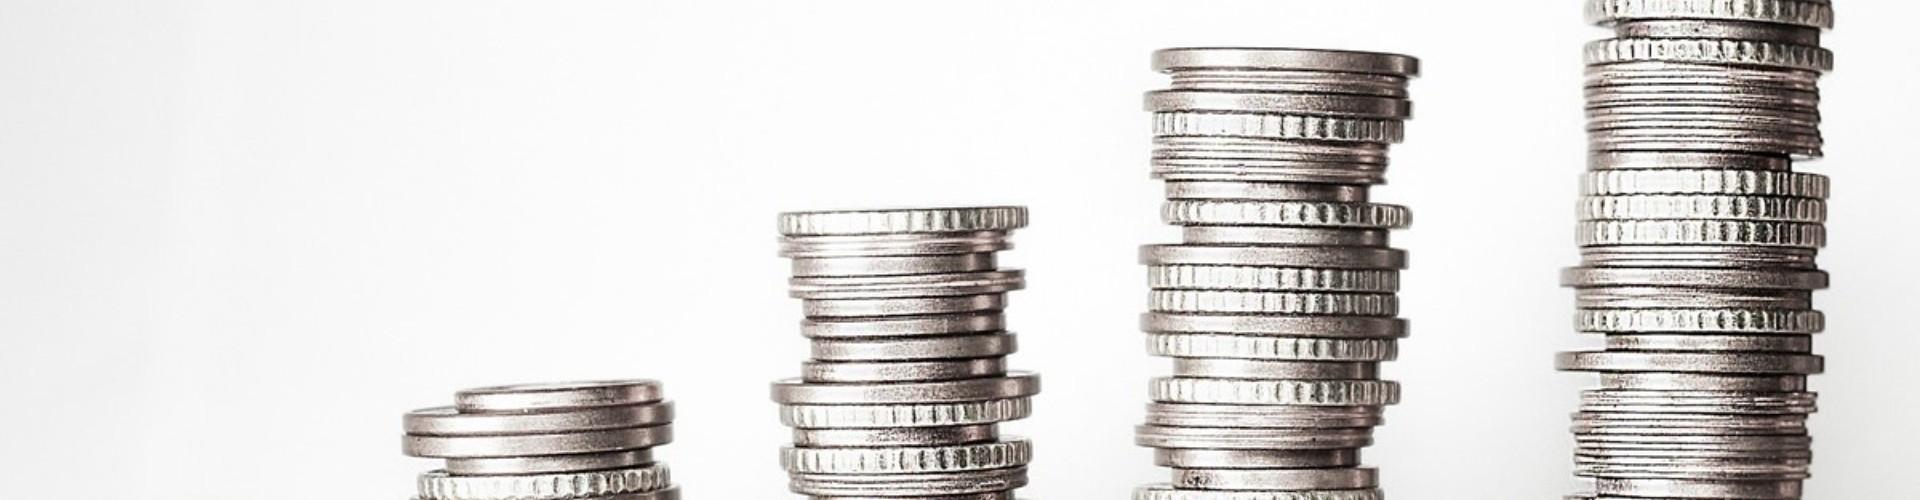 Rozmowy Polaków o pieniądzach - badanie 2020